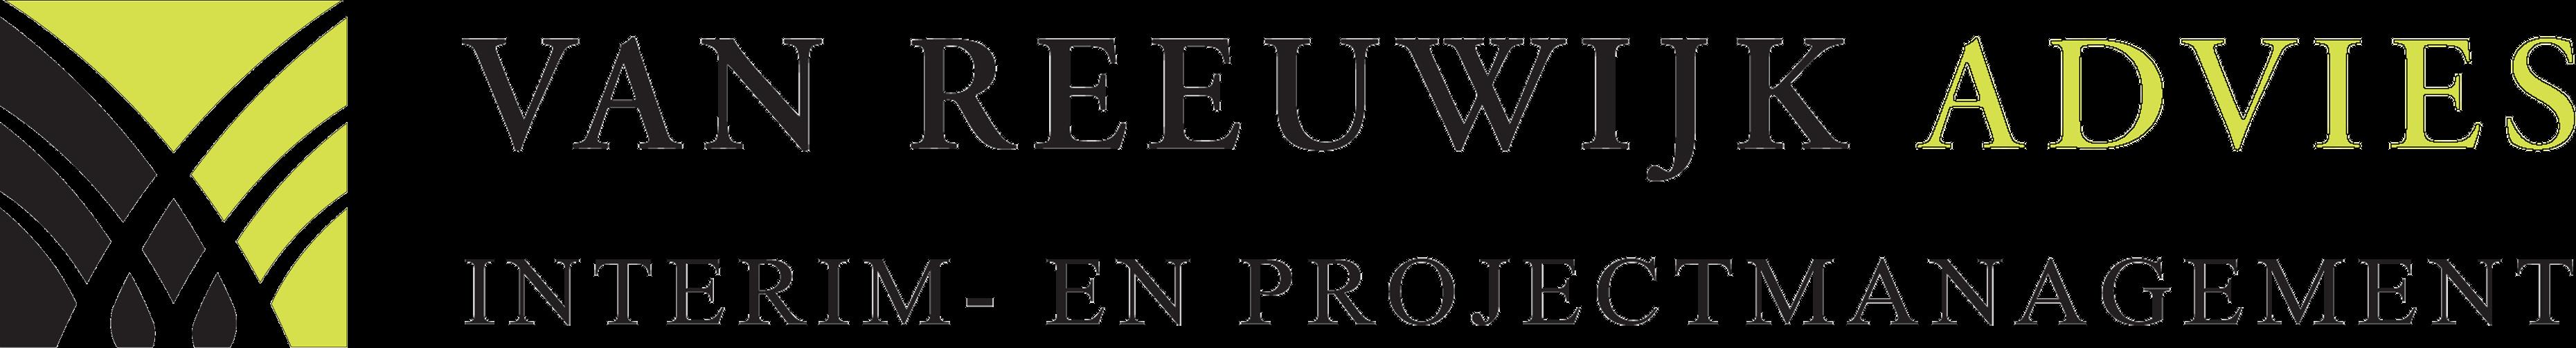 Van Reeuwijk Advies